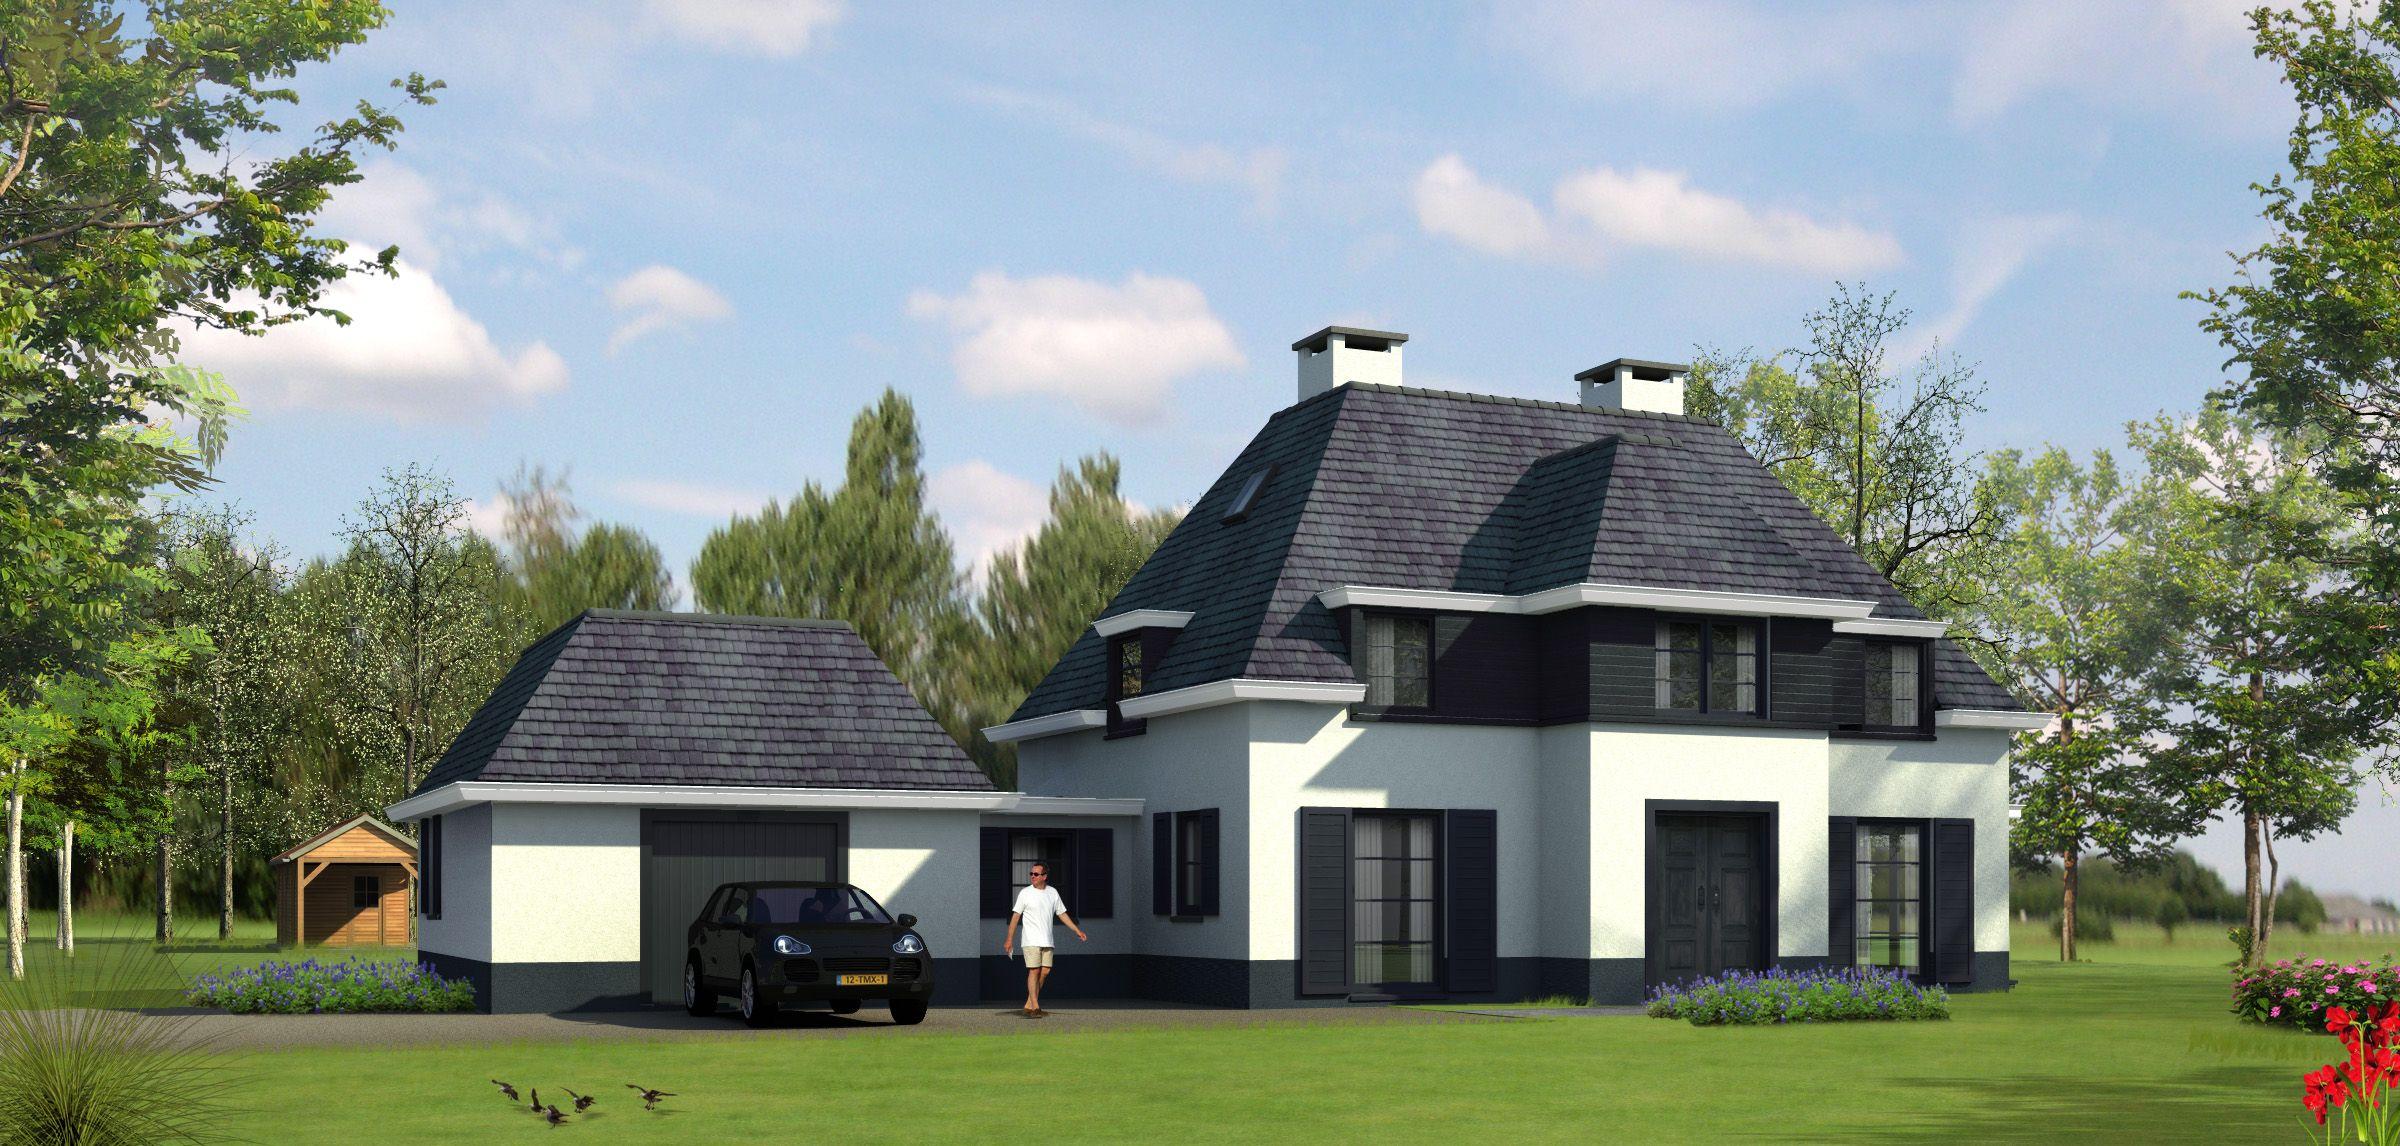 landelijke woning nieuwbouw - Google zoeken | Archy | Pinterest ...